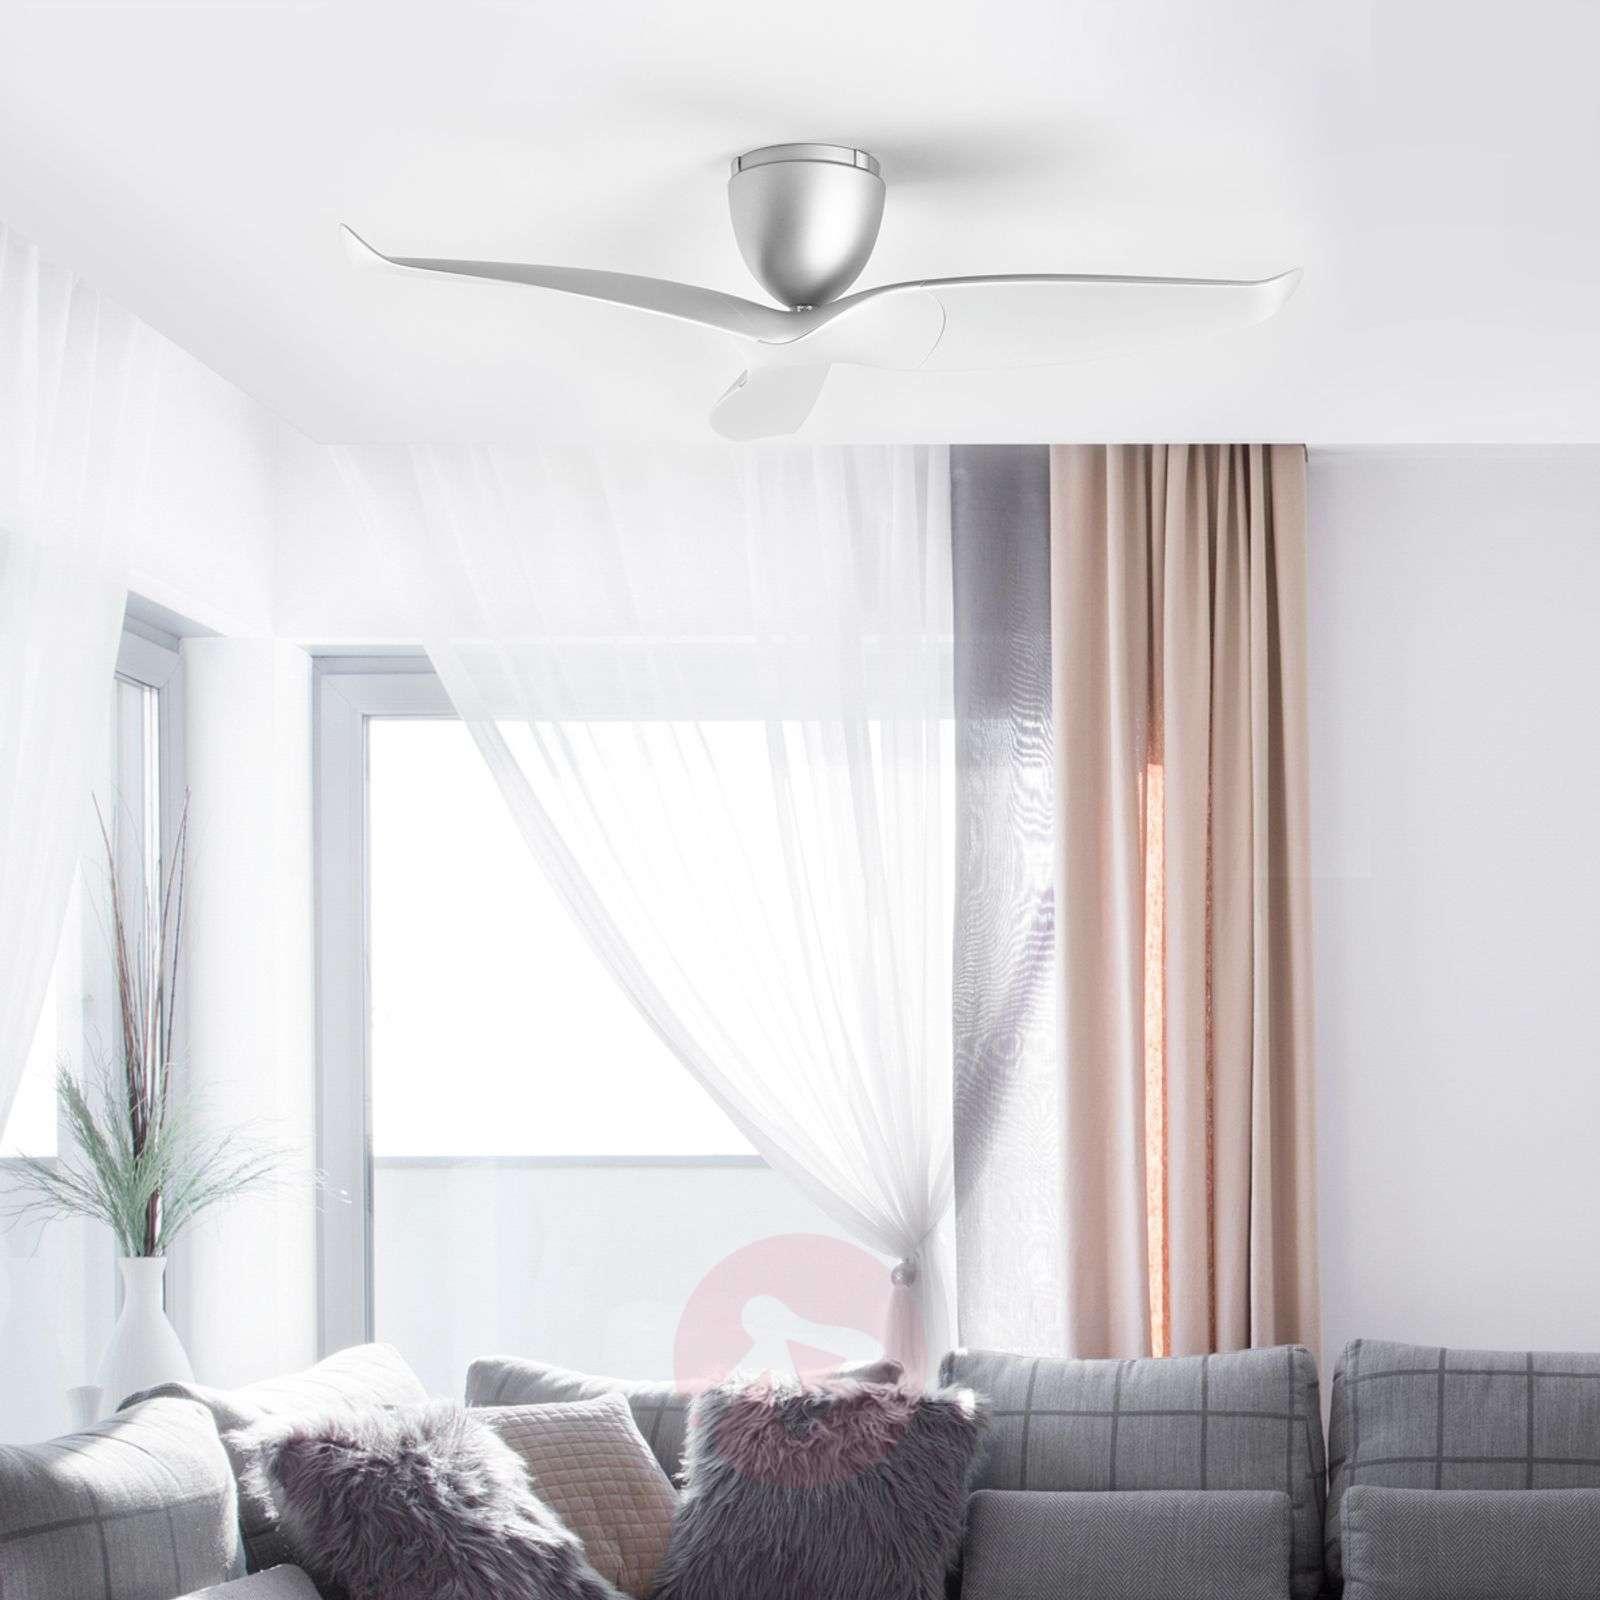 Aeratron ceiling fan, silver, 109.2 cm-1068010-011